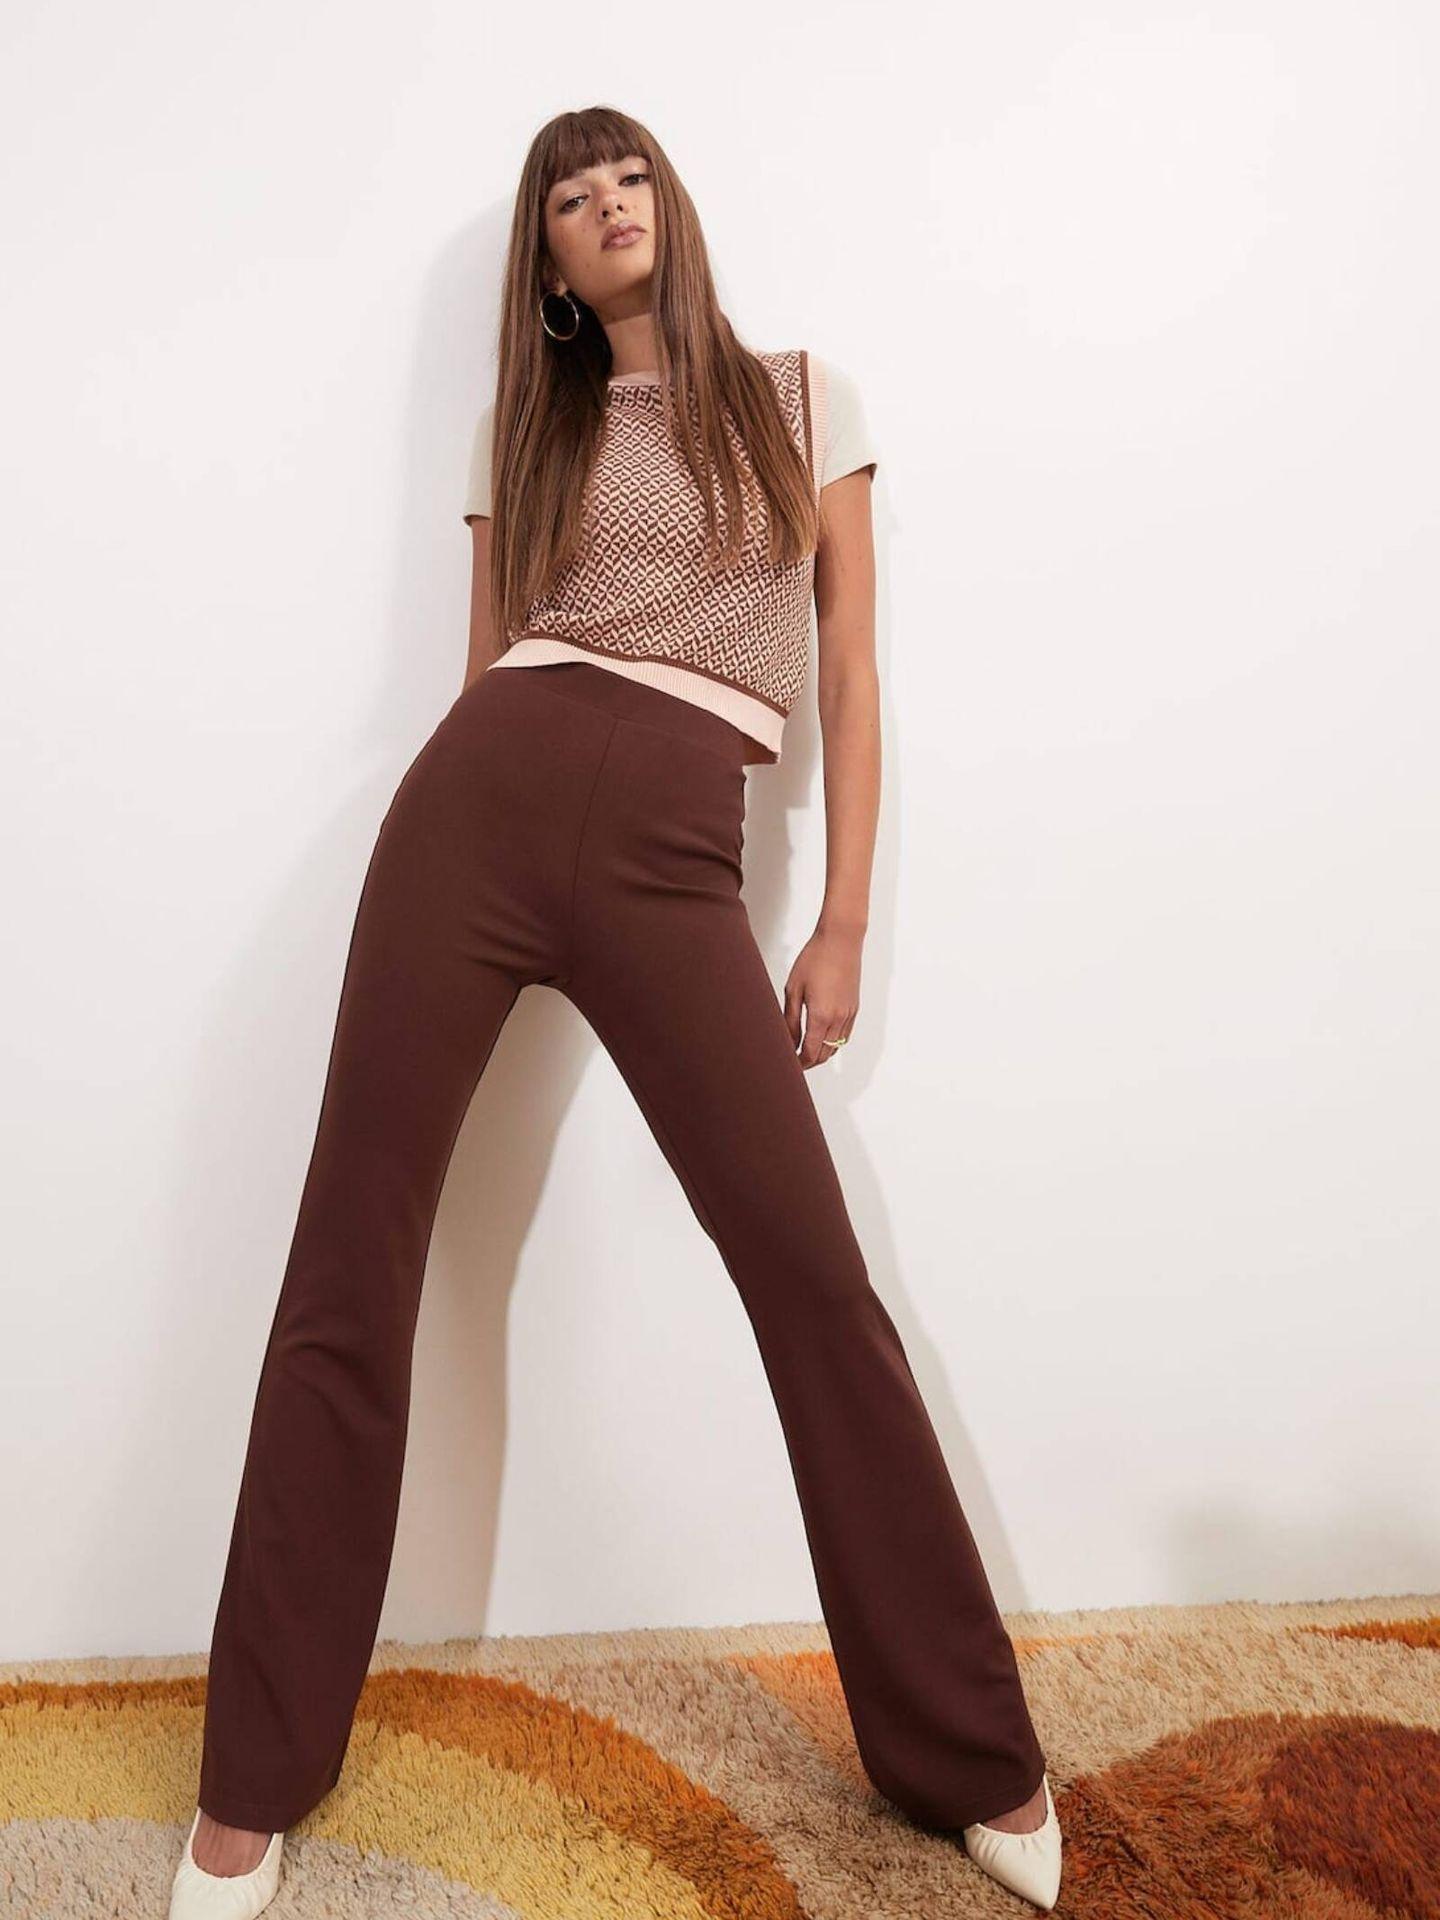 El cómodo pantalón de Stradivarius con el que alargar tus piernas. (Cortesía)